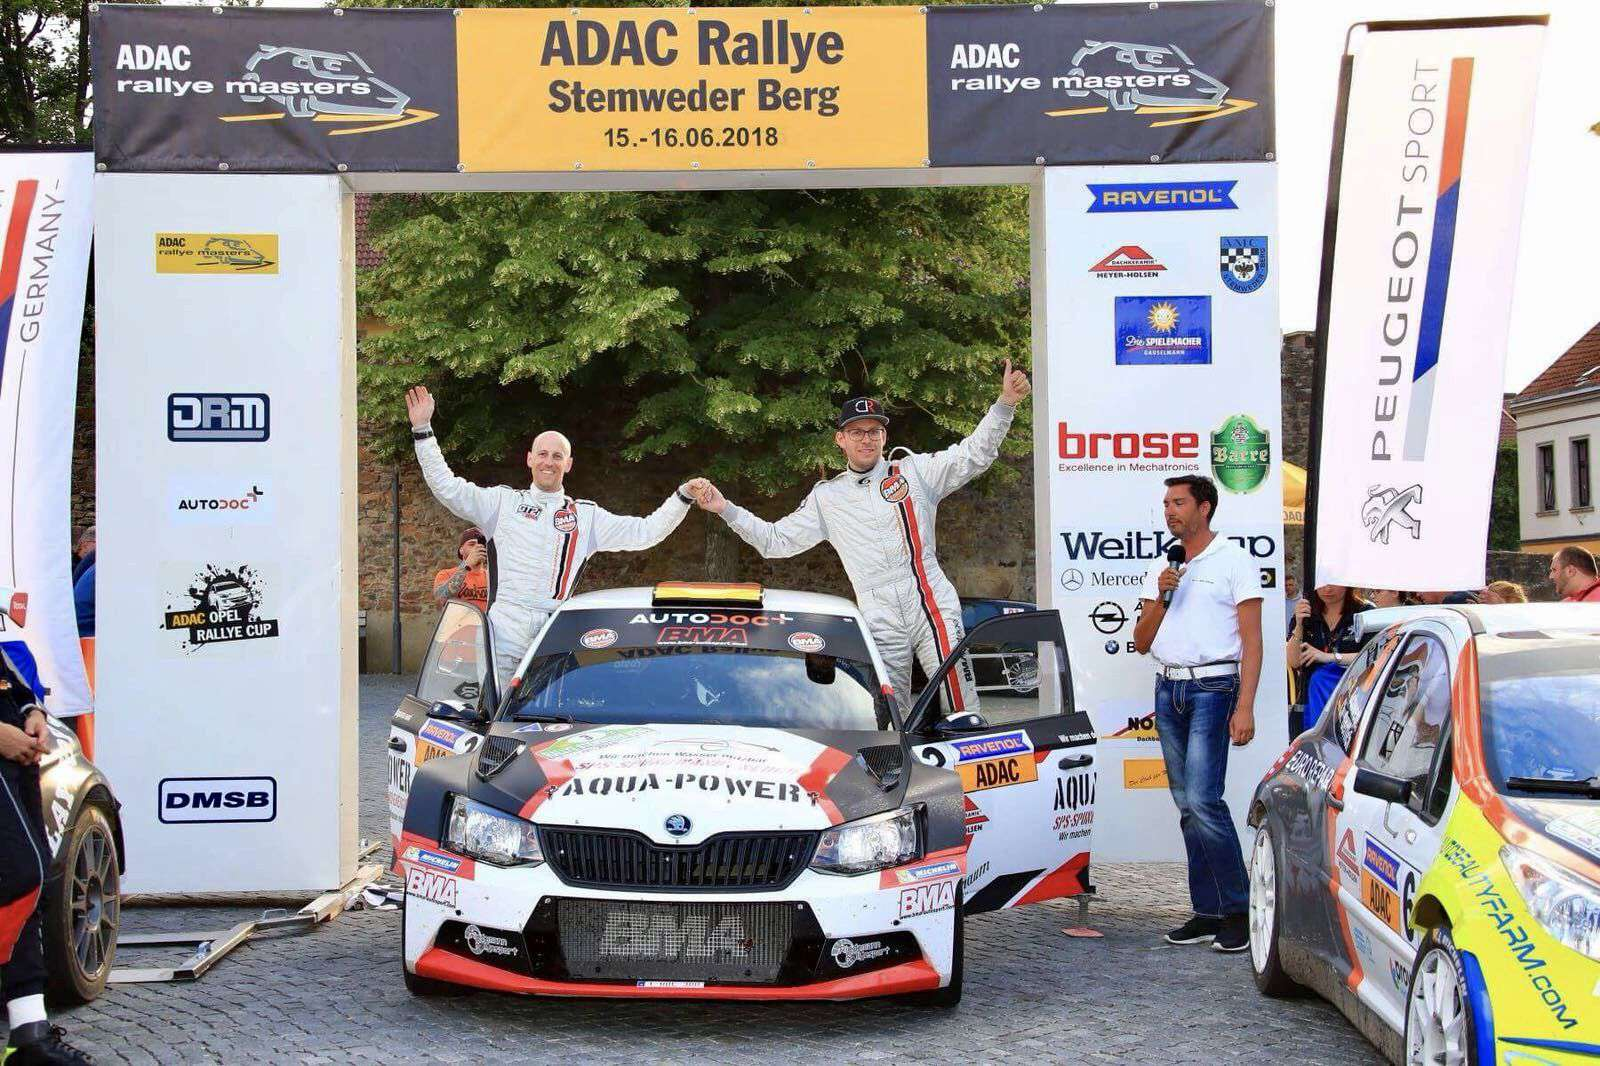 Rallye-Fahrer-Christian-Riedemann-Wiesntraum-Munich-Sieg